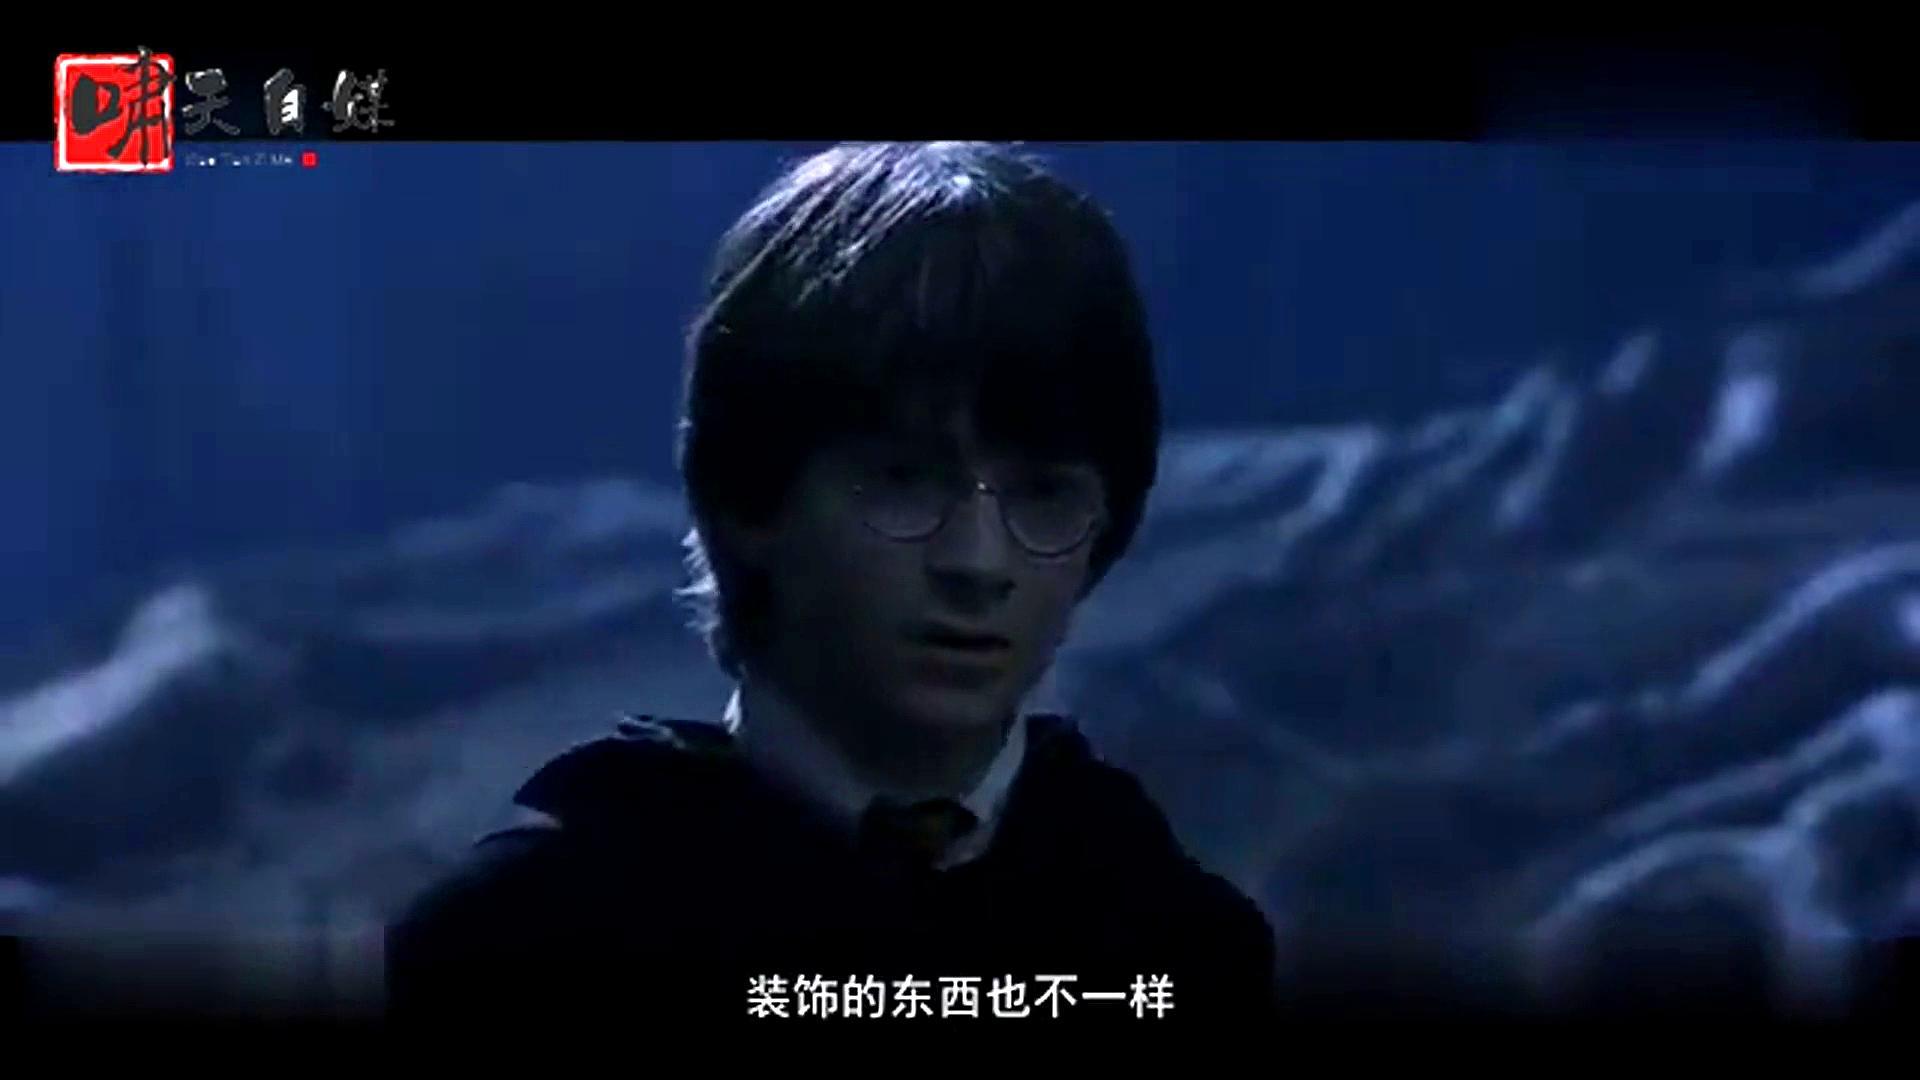 哈利波特手游魔杖 哈利波特魔法觉醒新手攻略